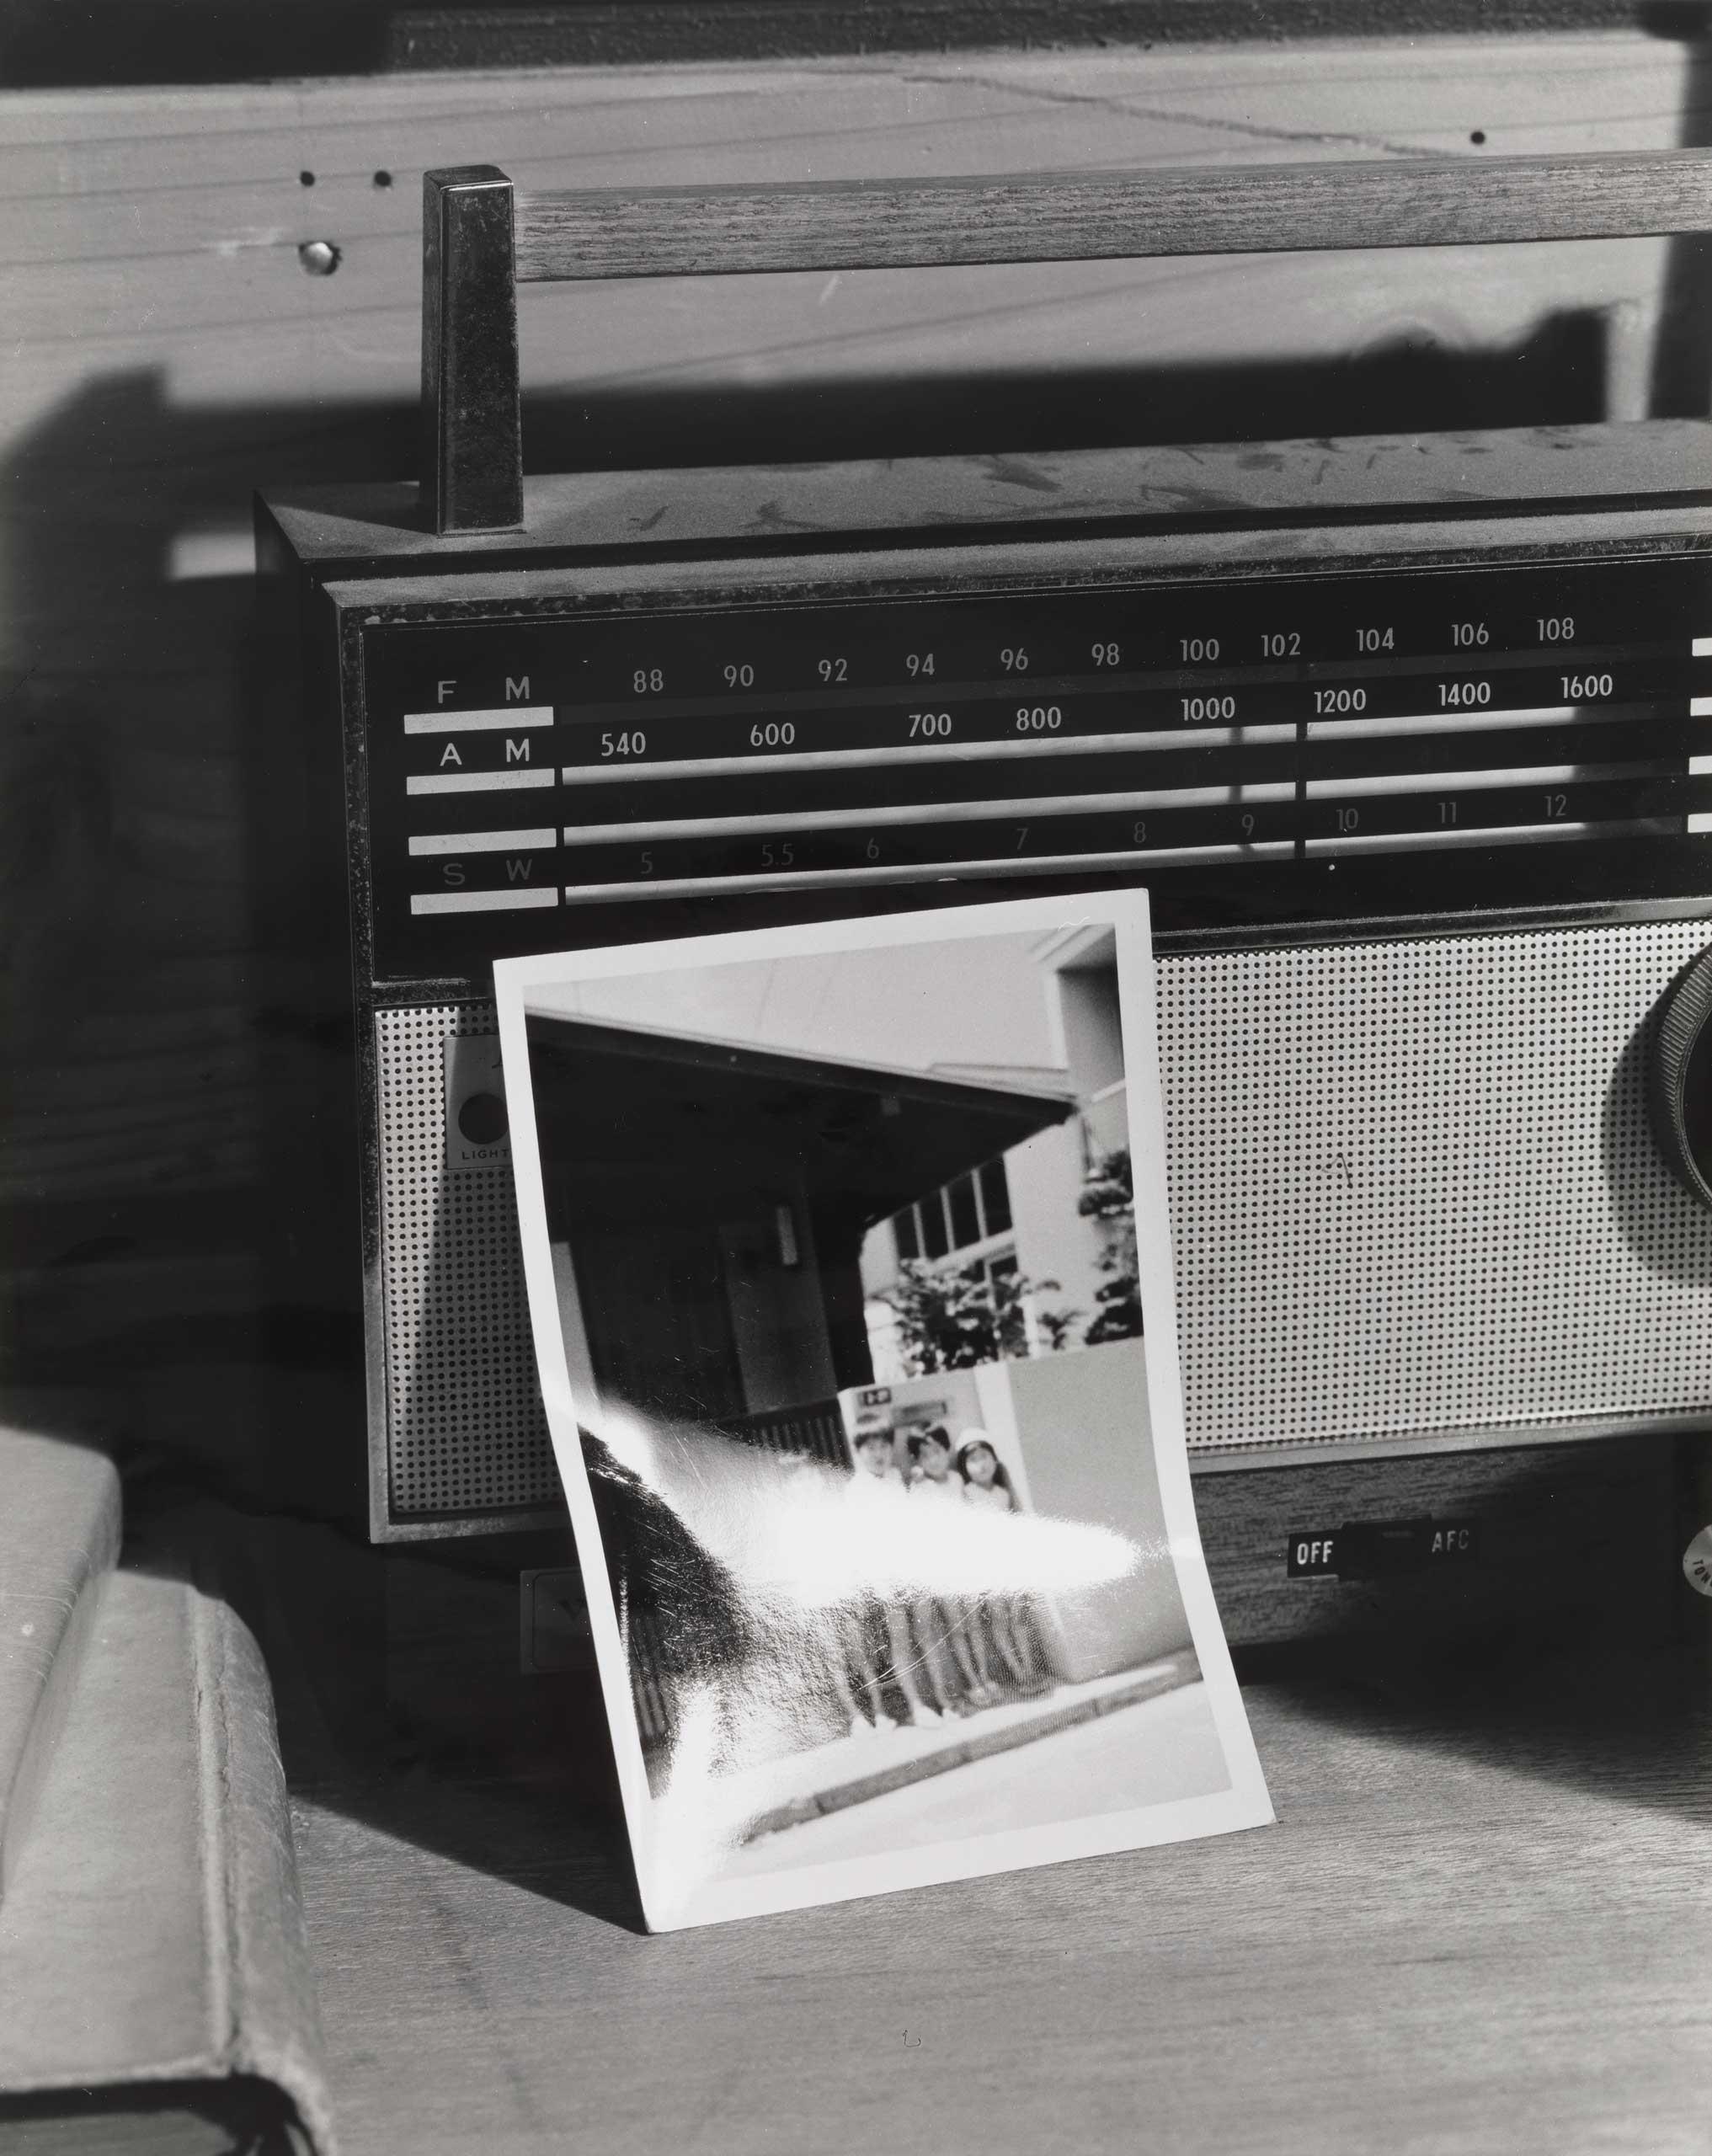 Jirō Takamatsu Photograph of Photograph, 1973